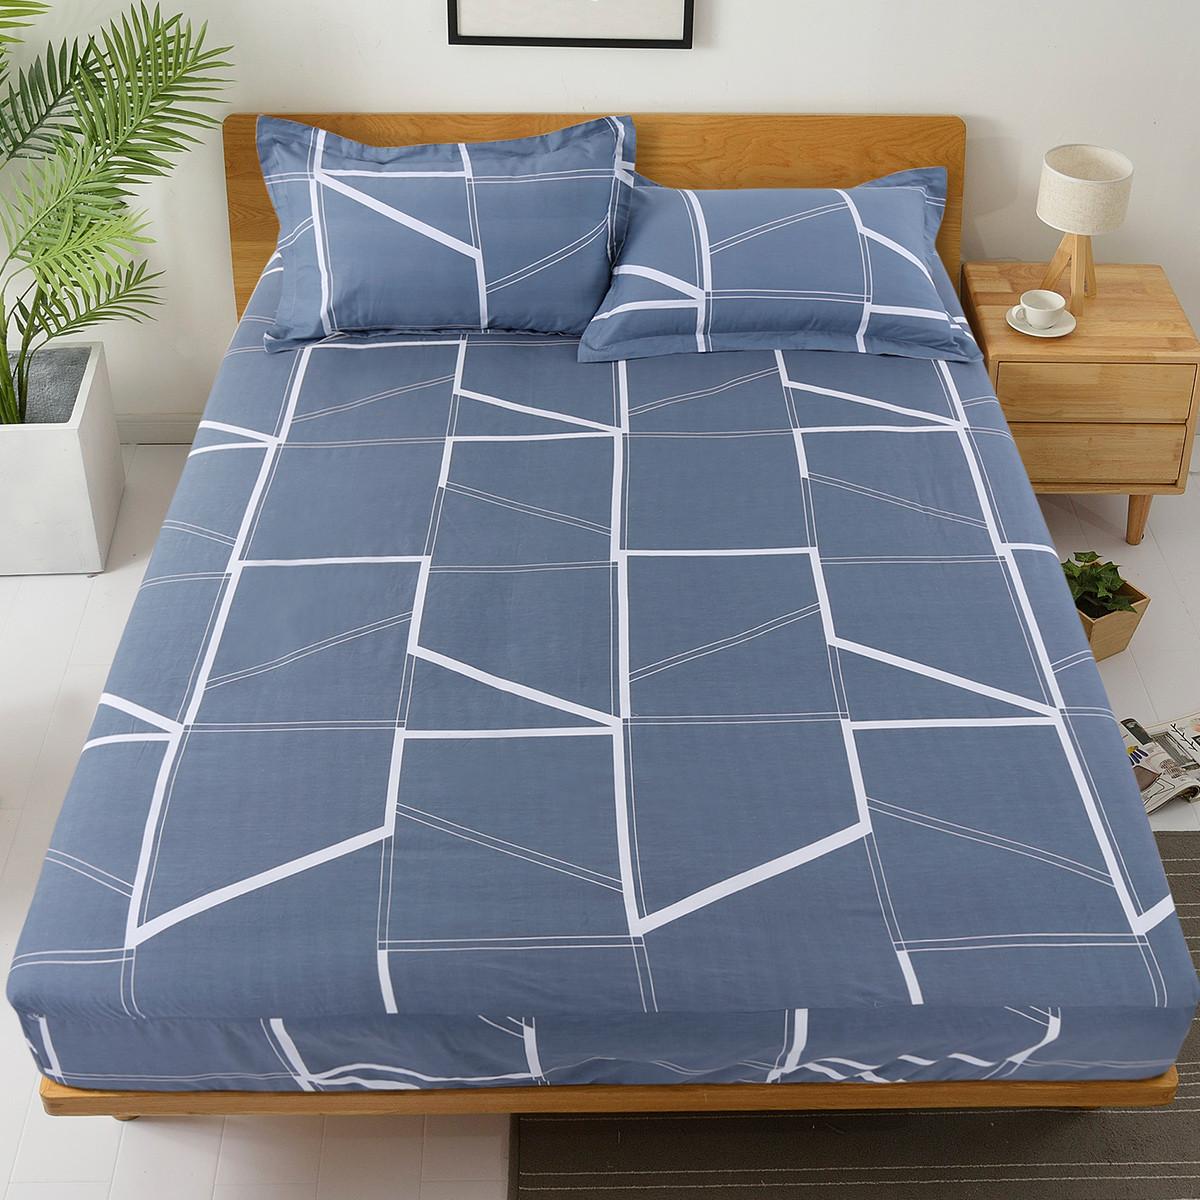 Ramada【年底清仓】柔系列全棉可水洗席梦思床垫床罩床褥褥子床笠薄床垫COLOR蓝色